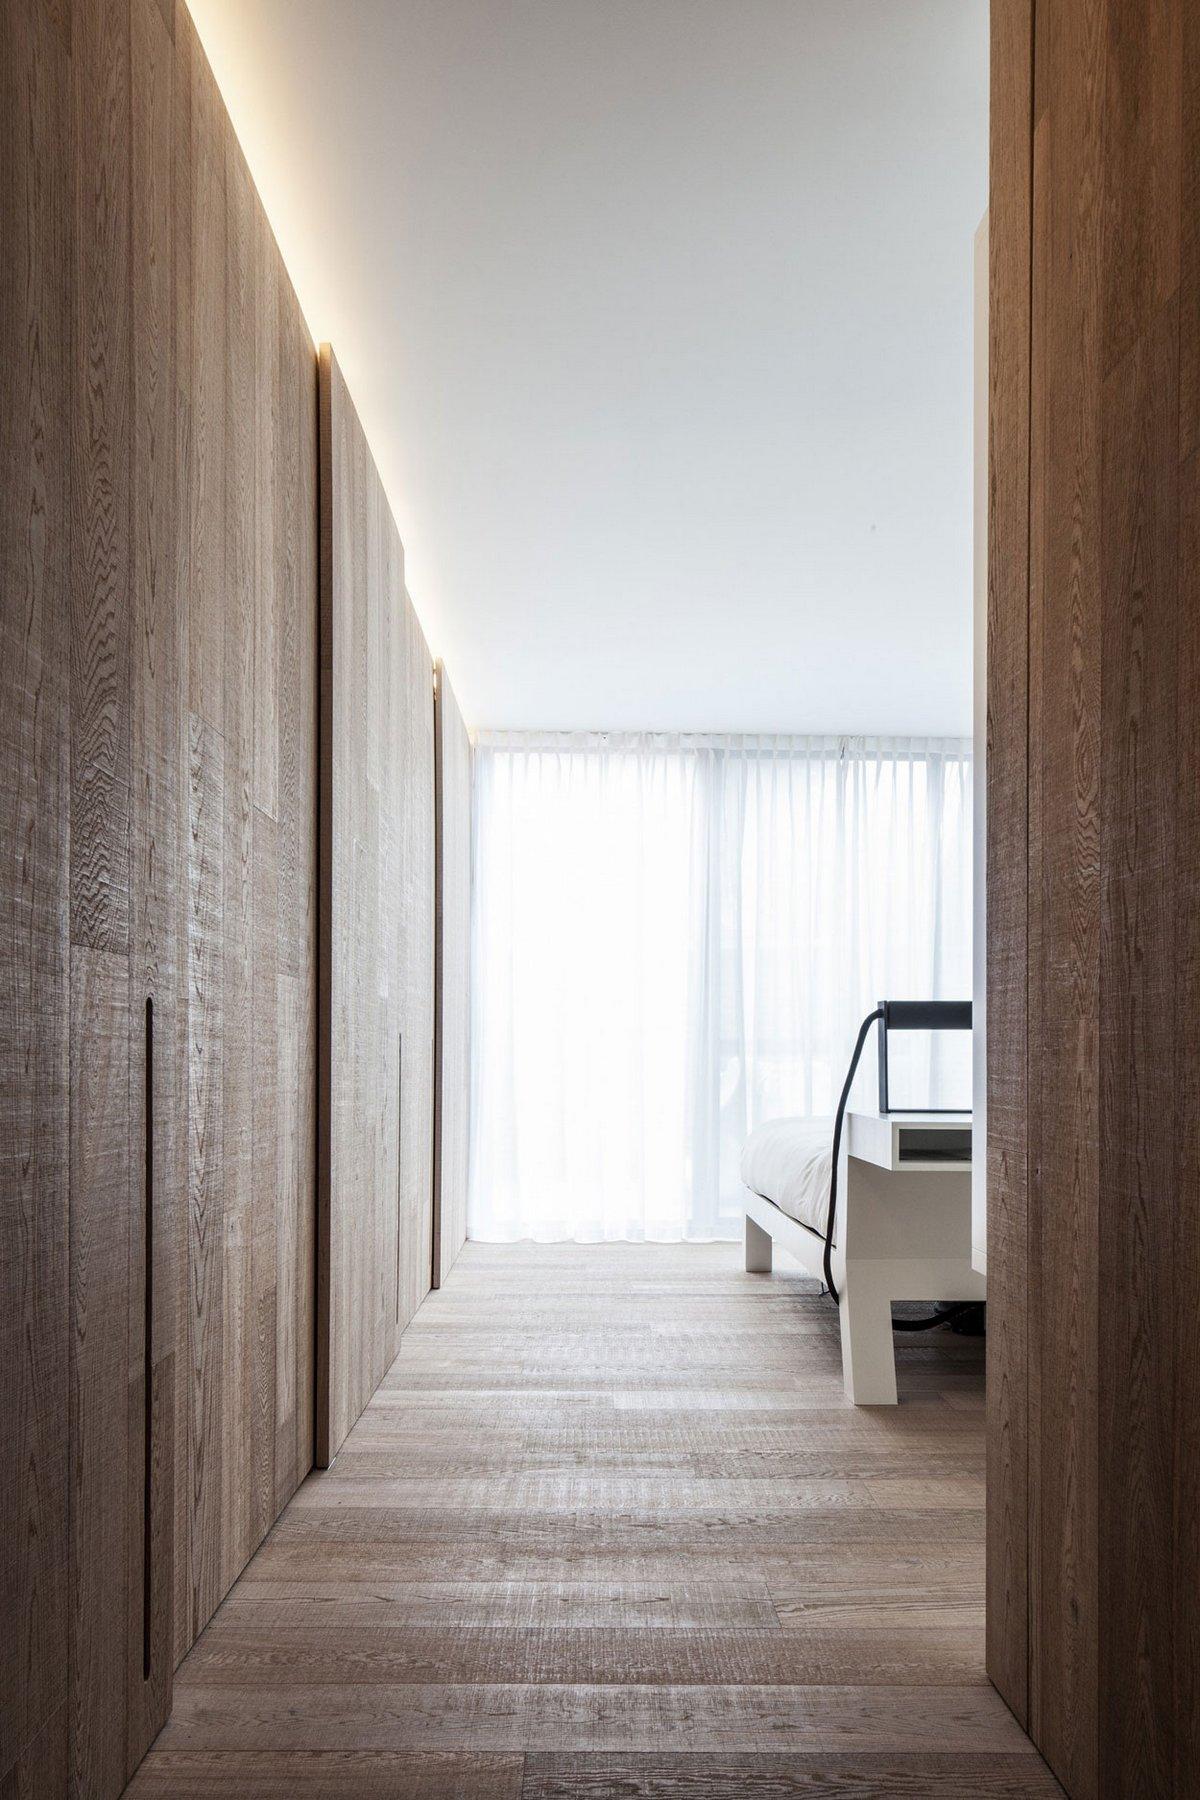 фотограф Tim Van de Velde, A.C. ARCHITECTS, лофт в Билзен, квартира в Бельгии, квартира для инвалида, Loft MM, дуб в интерьере помещения, лофт